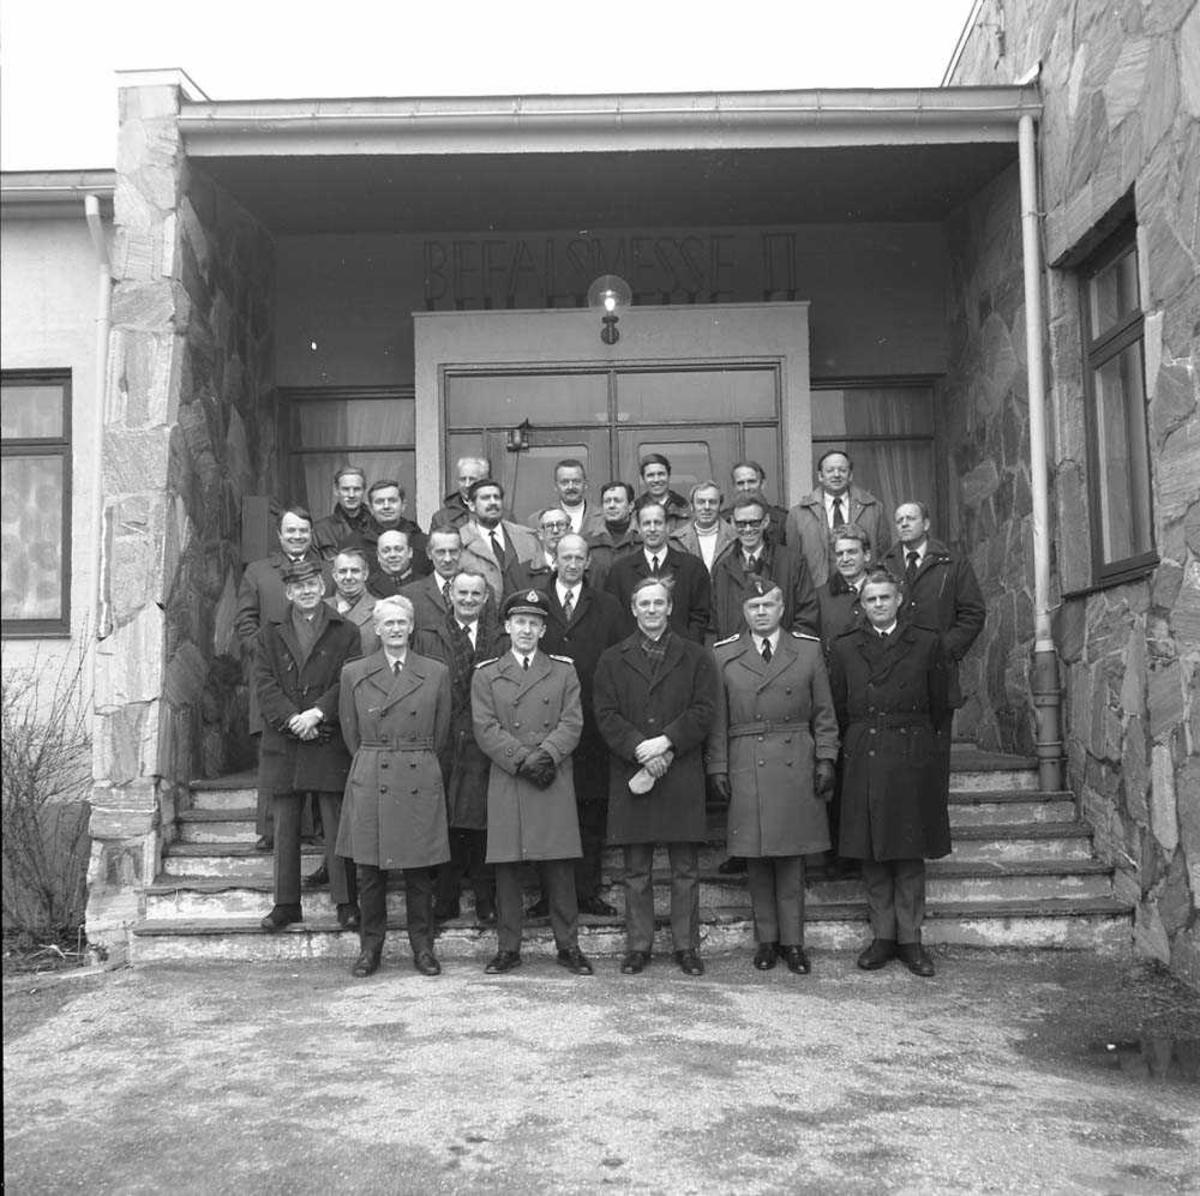 Forsvarets Høyskole besøker Bodø flystasjon. På første rekke, nr. 2 fra høyre er Oberst H. Wergeland, nr. 3 er Generalløytnant Wilhelm Mohr og nr. 4 er Oberstløytnant Olav F. Aamoth. Gruppen er fotografert foran Messe II på stasjonen.